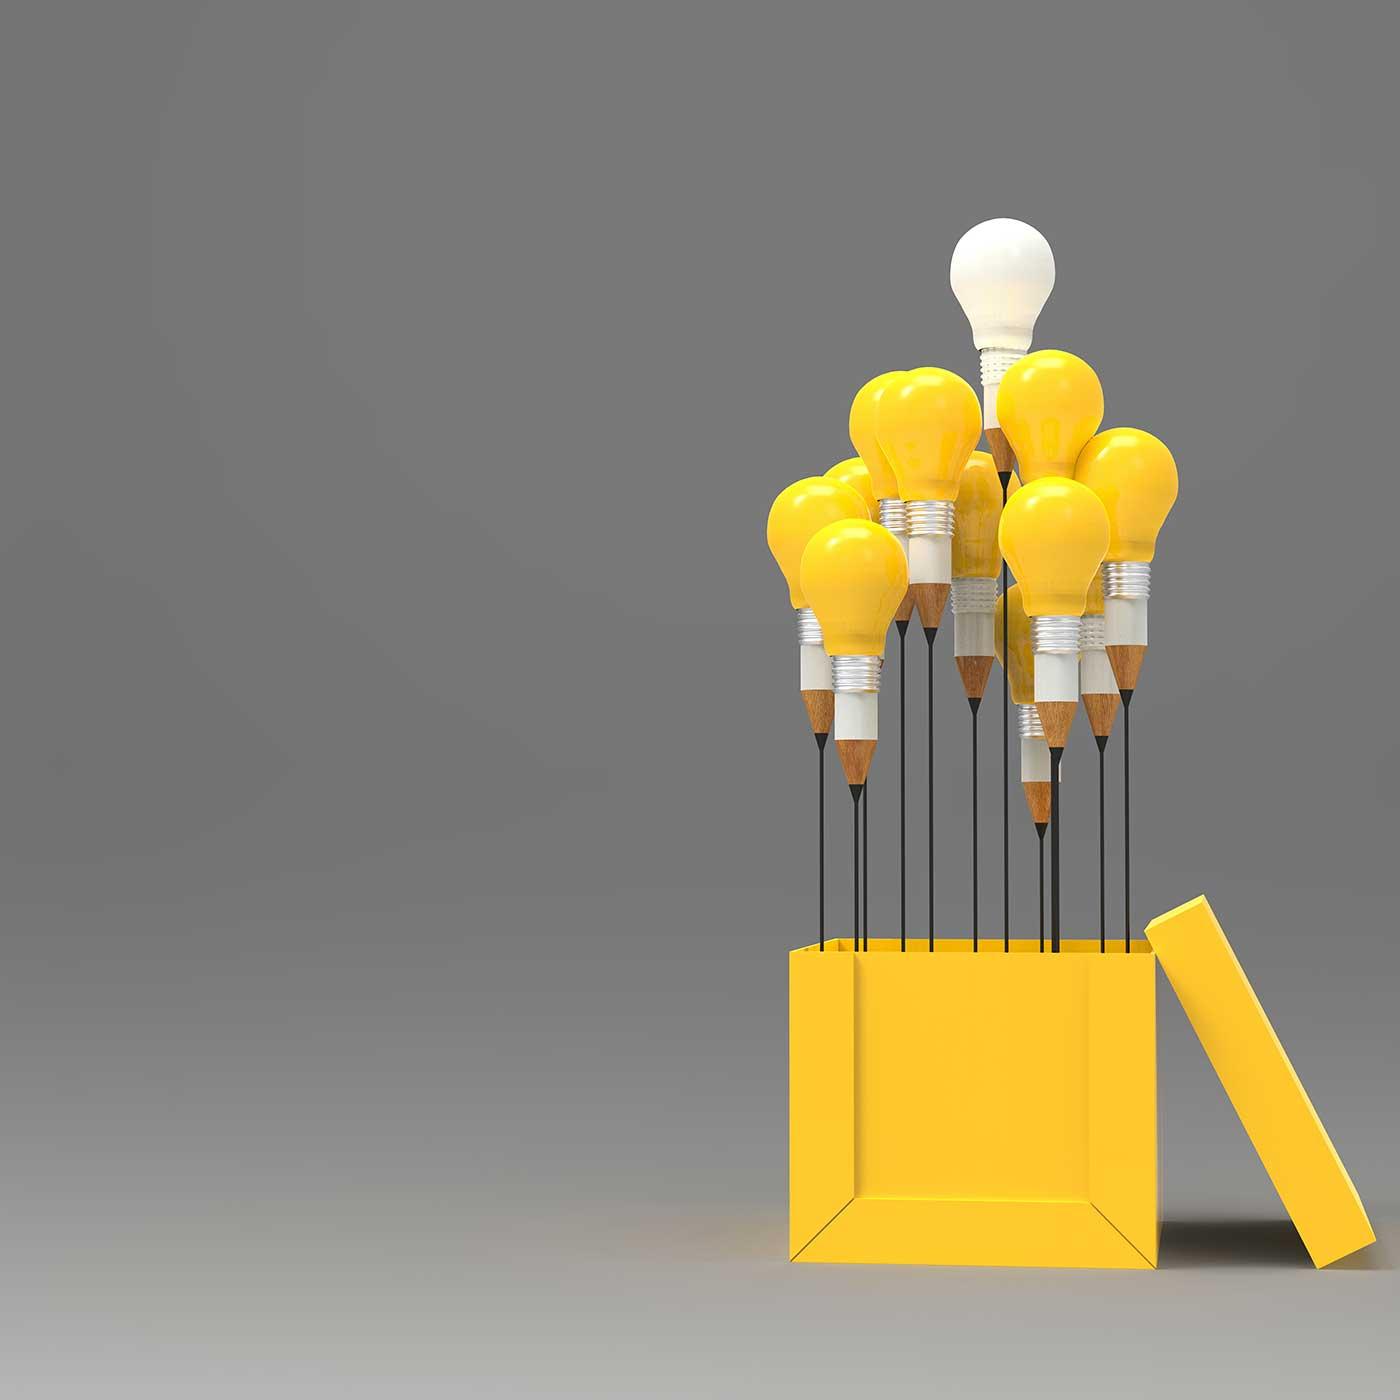 Redekunst - ein Licht geht auf